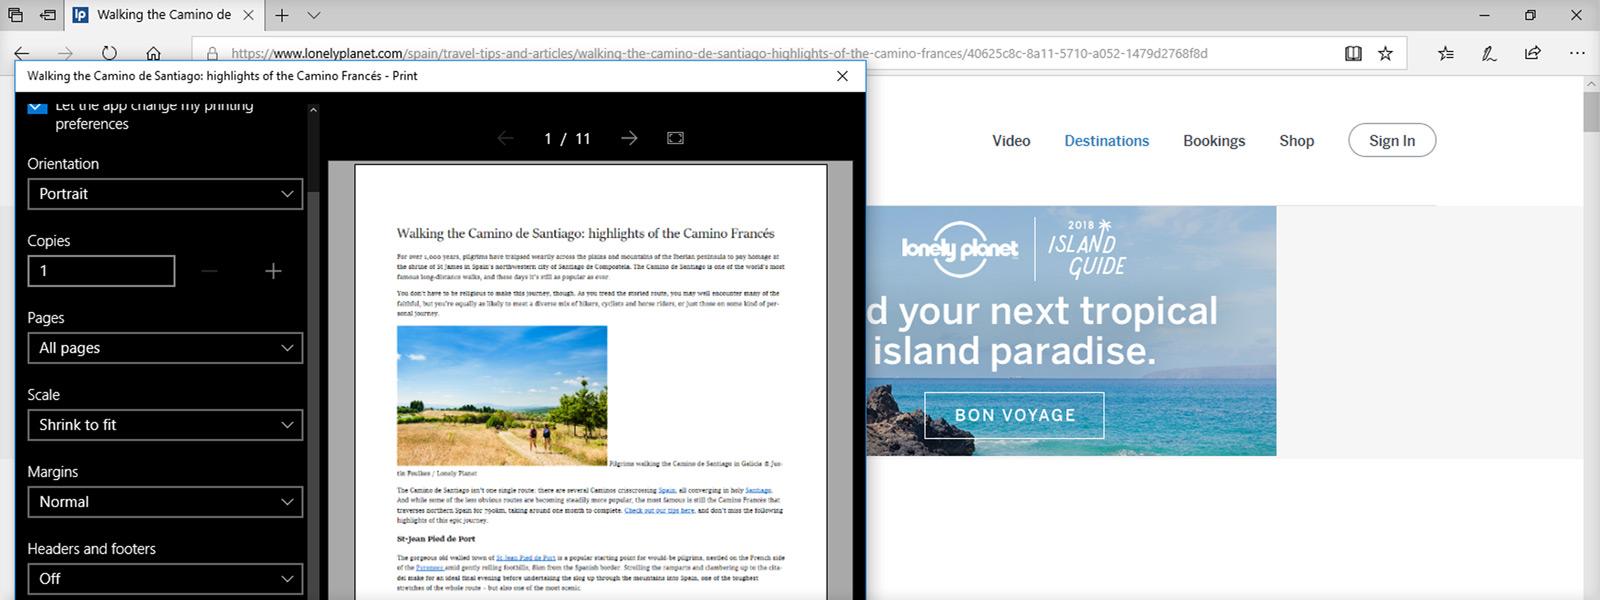 Зображення екрана, що показує вікно попереднього перегляду друку в Edge, у якому відсутня реклама на конкретній веб-сторінці